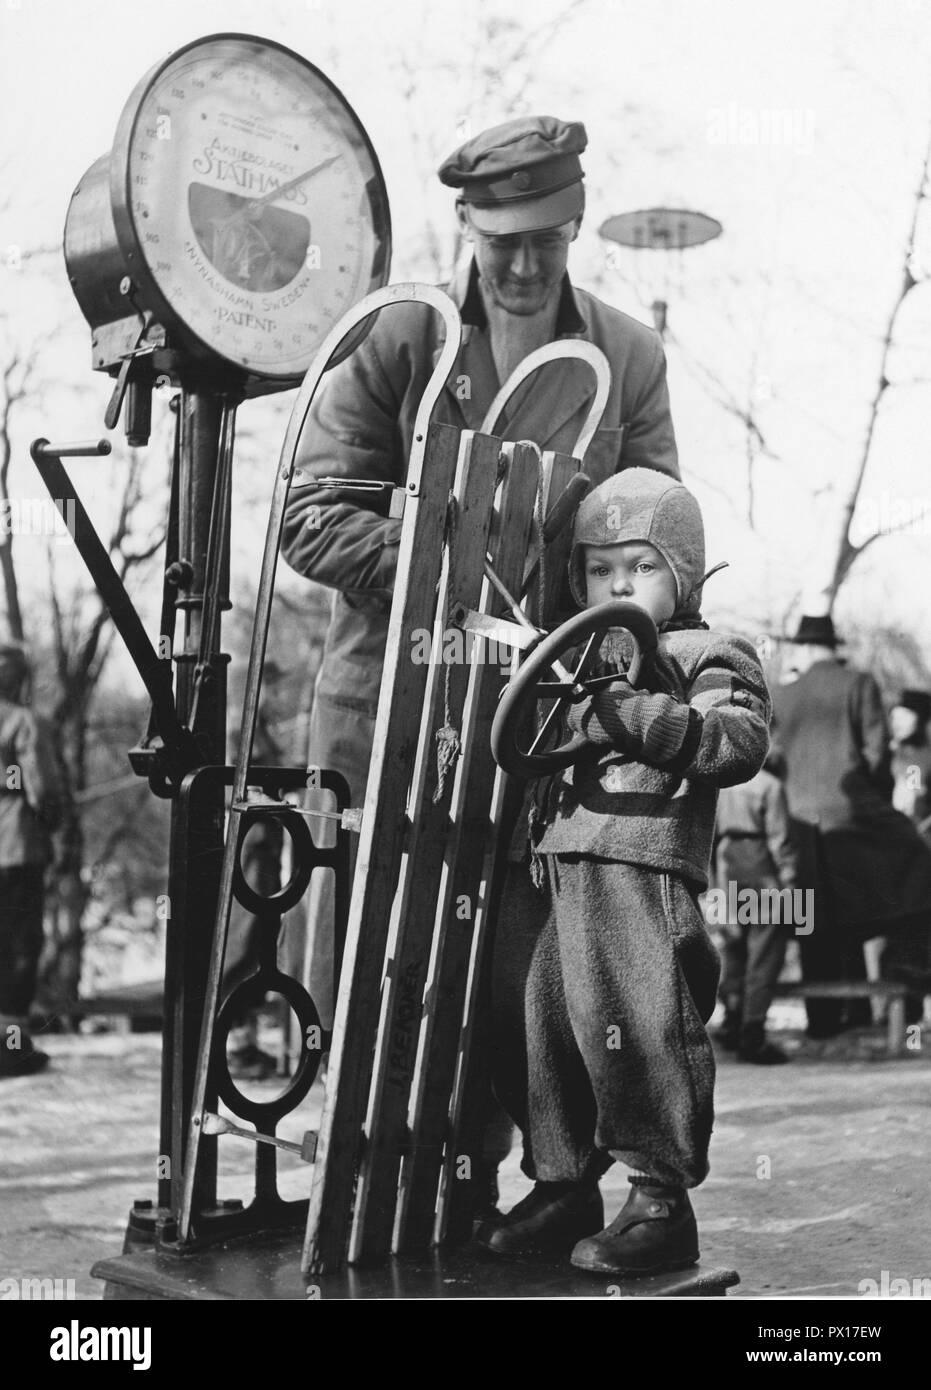 Schlitten in den 1950er Jahren. Ein kleines Kind steht auf einer Skala zusammen mit dem Schlitten. Schweden 1950. Stockbild